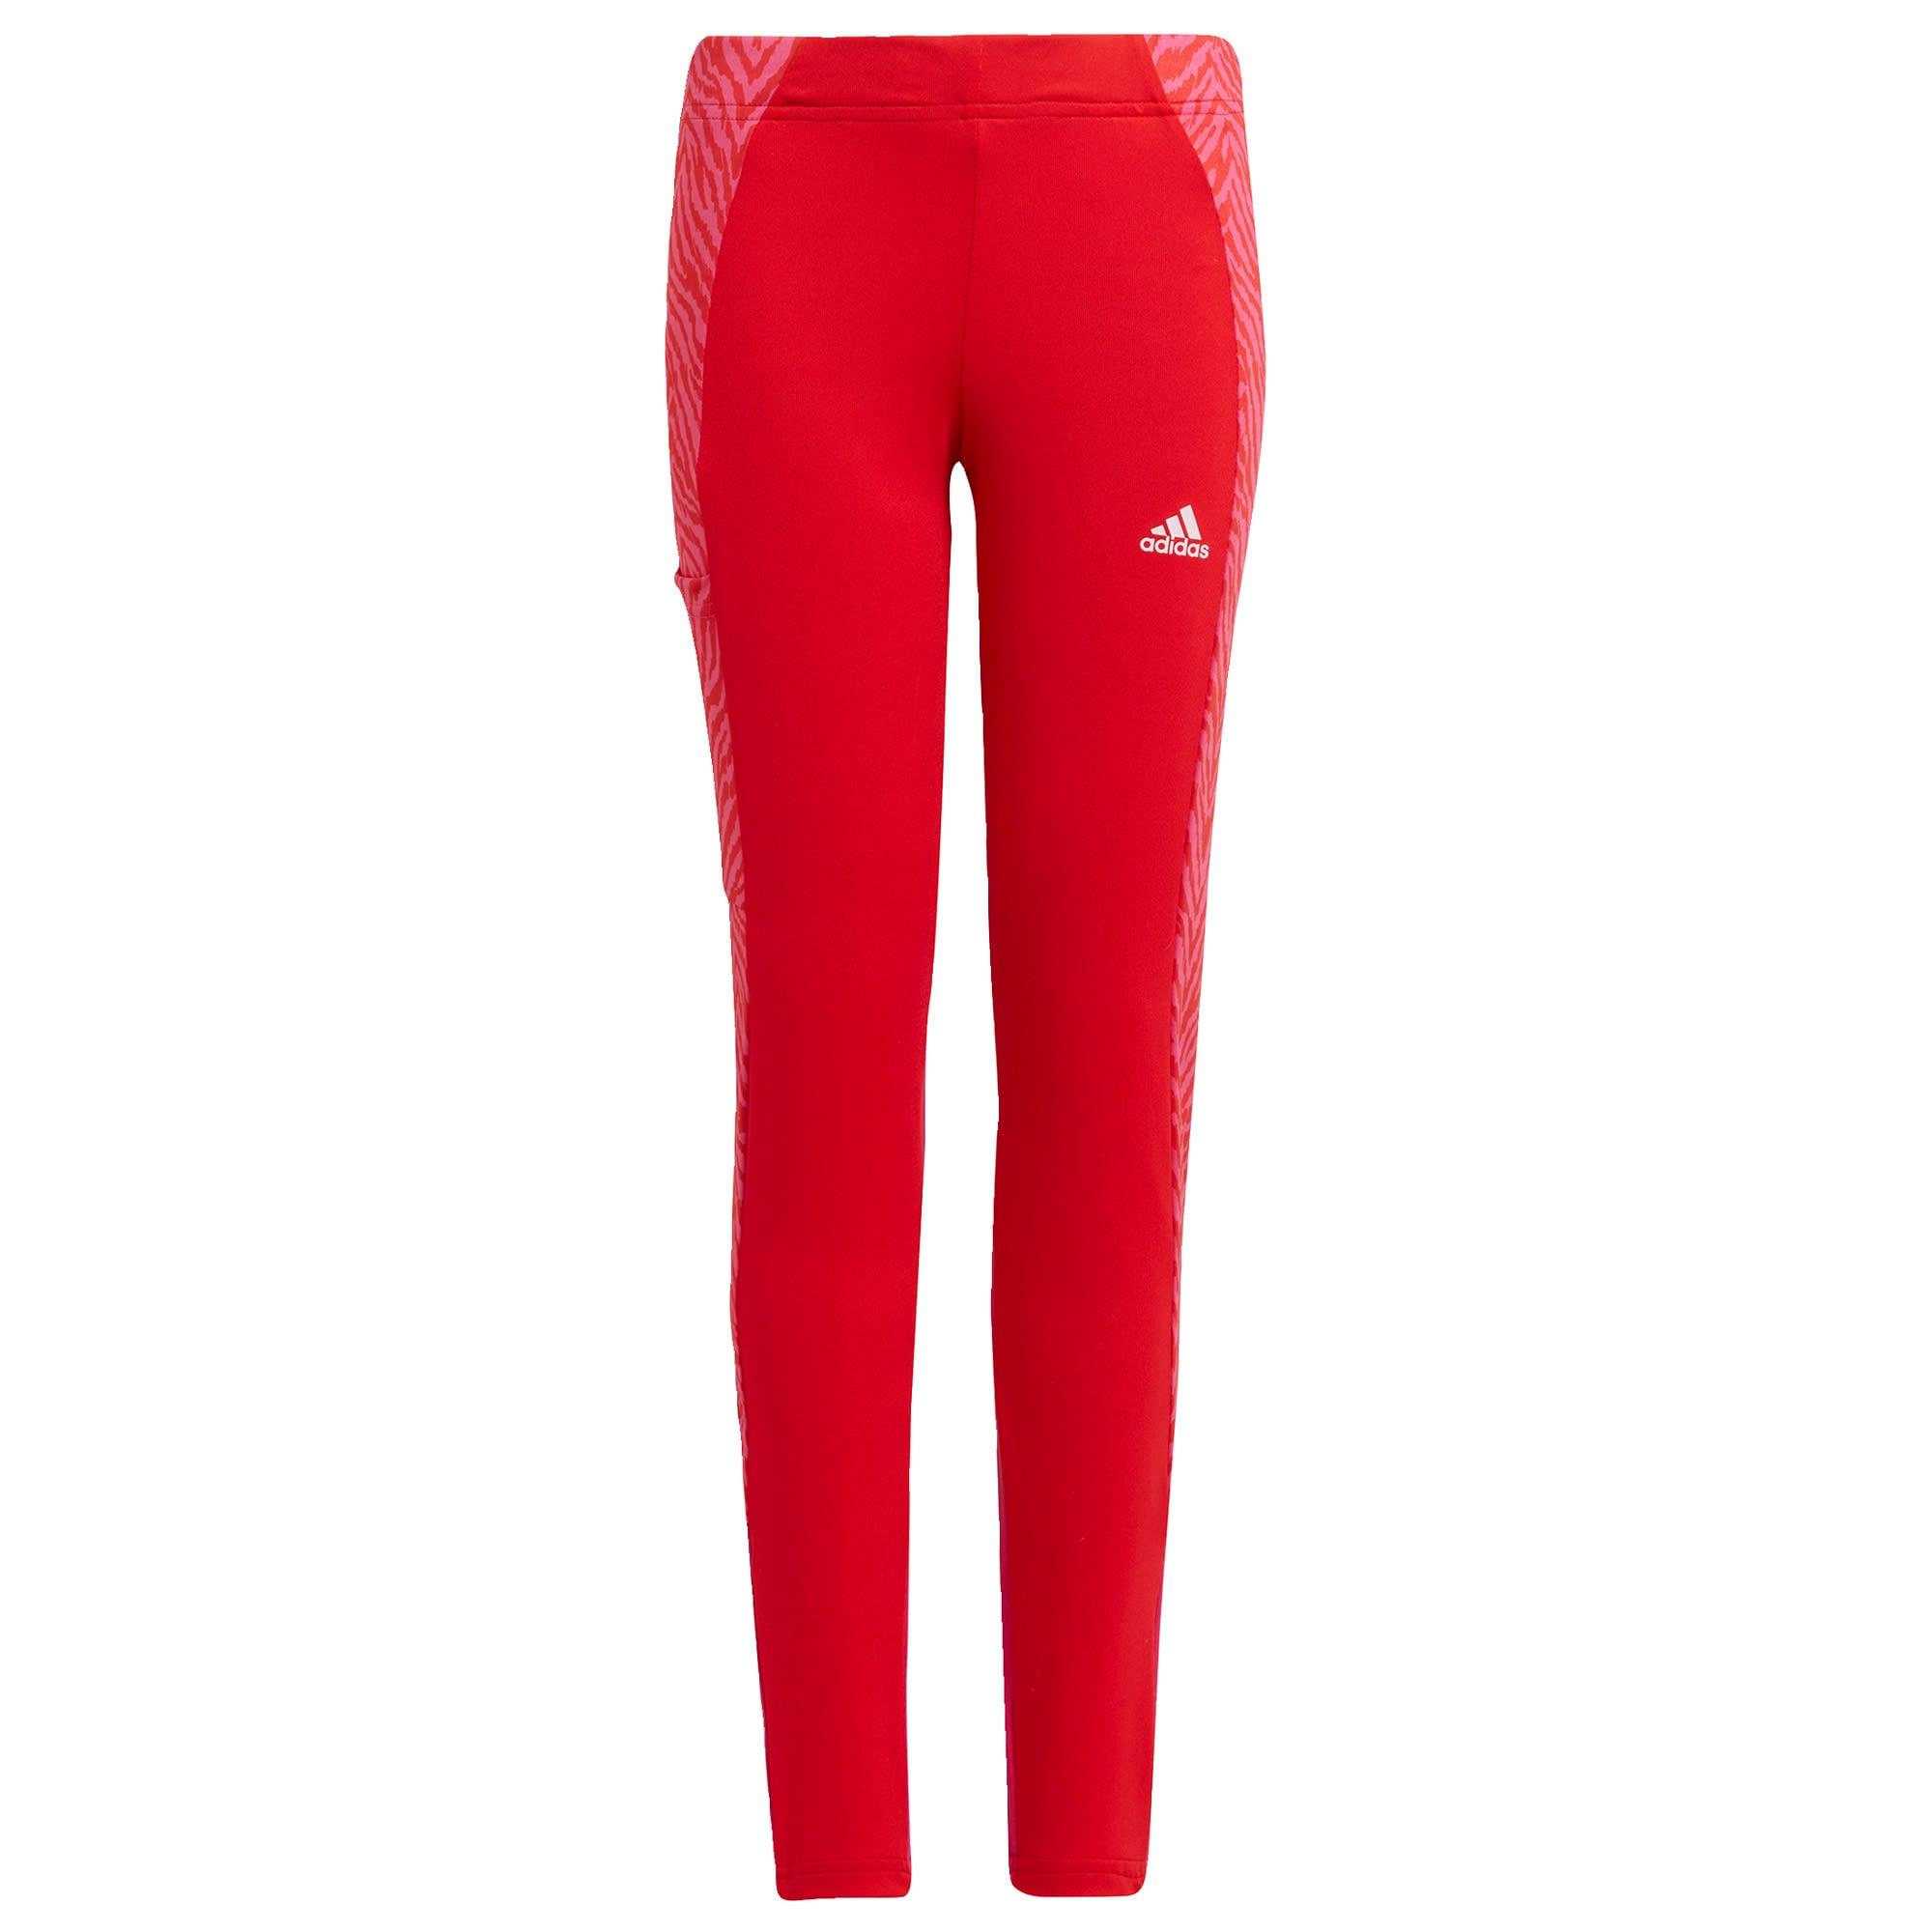 ADIDAS PERFORMANCE Sportinės kelnės 'Designed 2 Move' raudona / rausvai raudona / balta